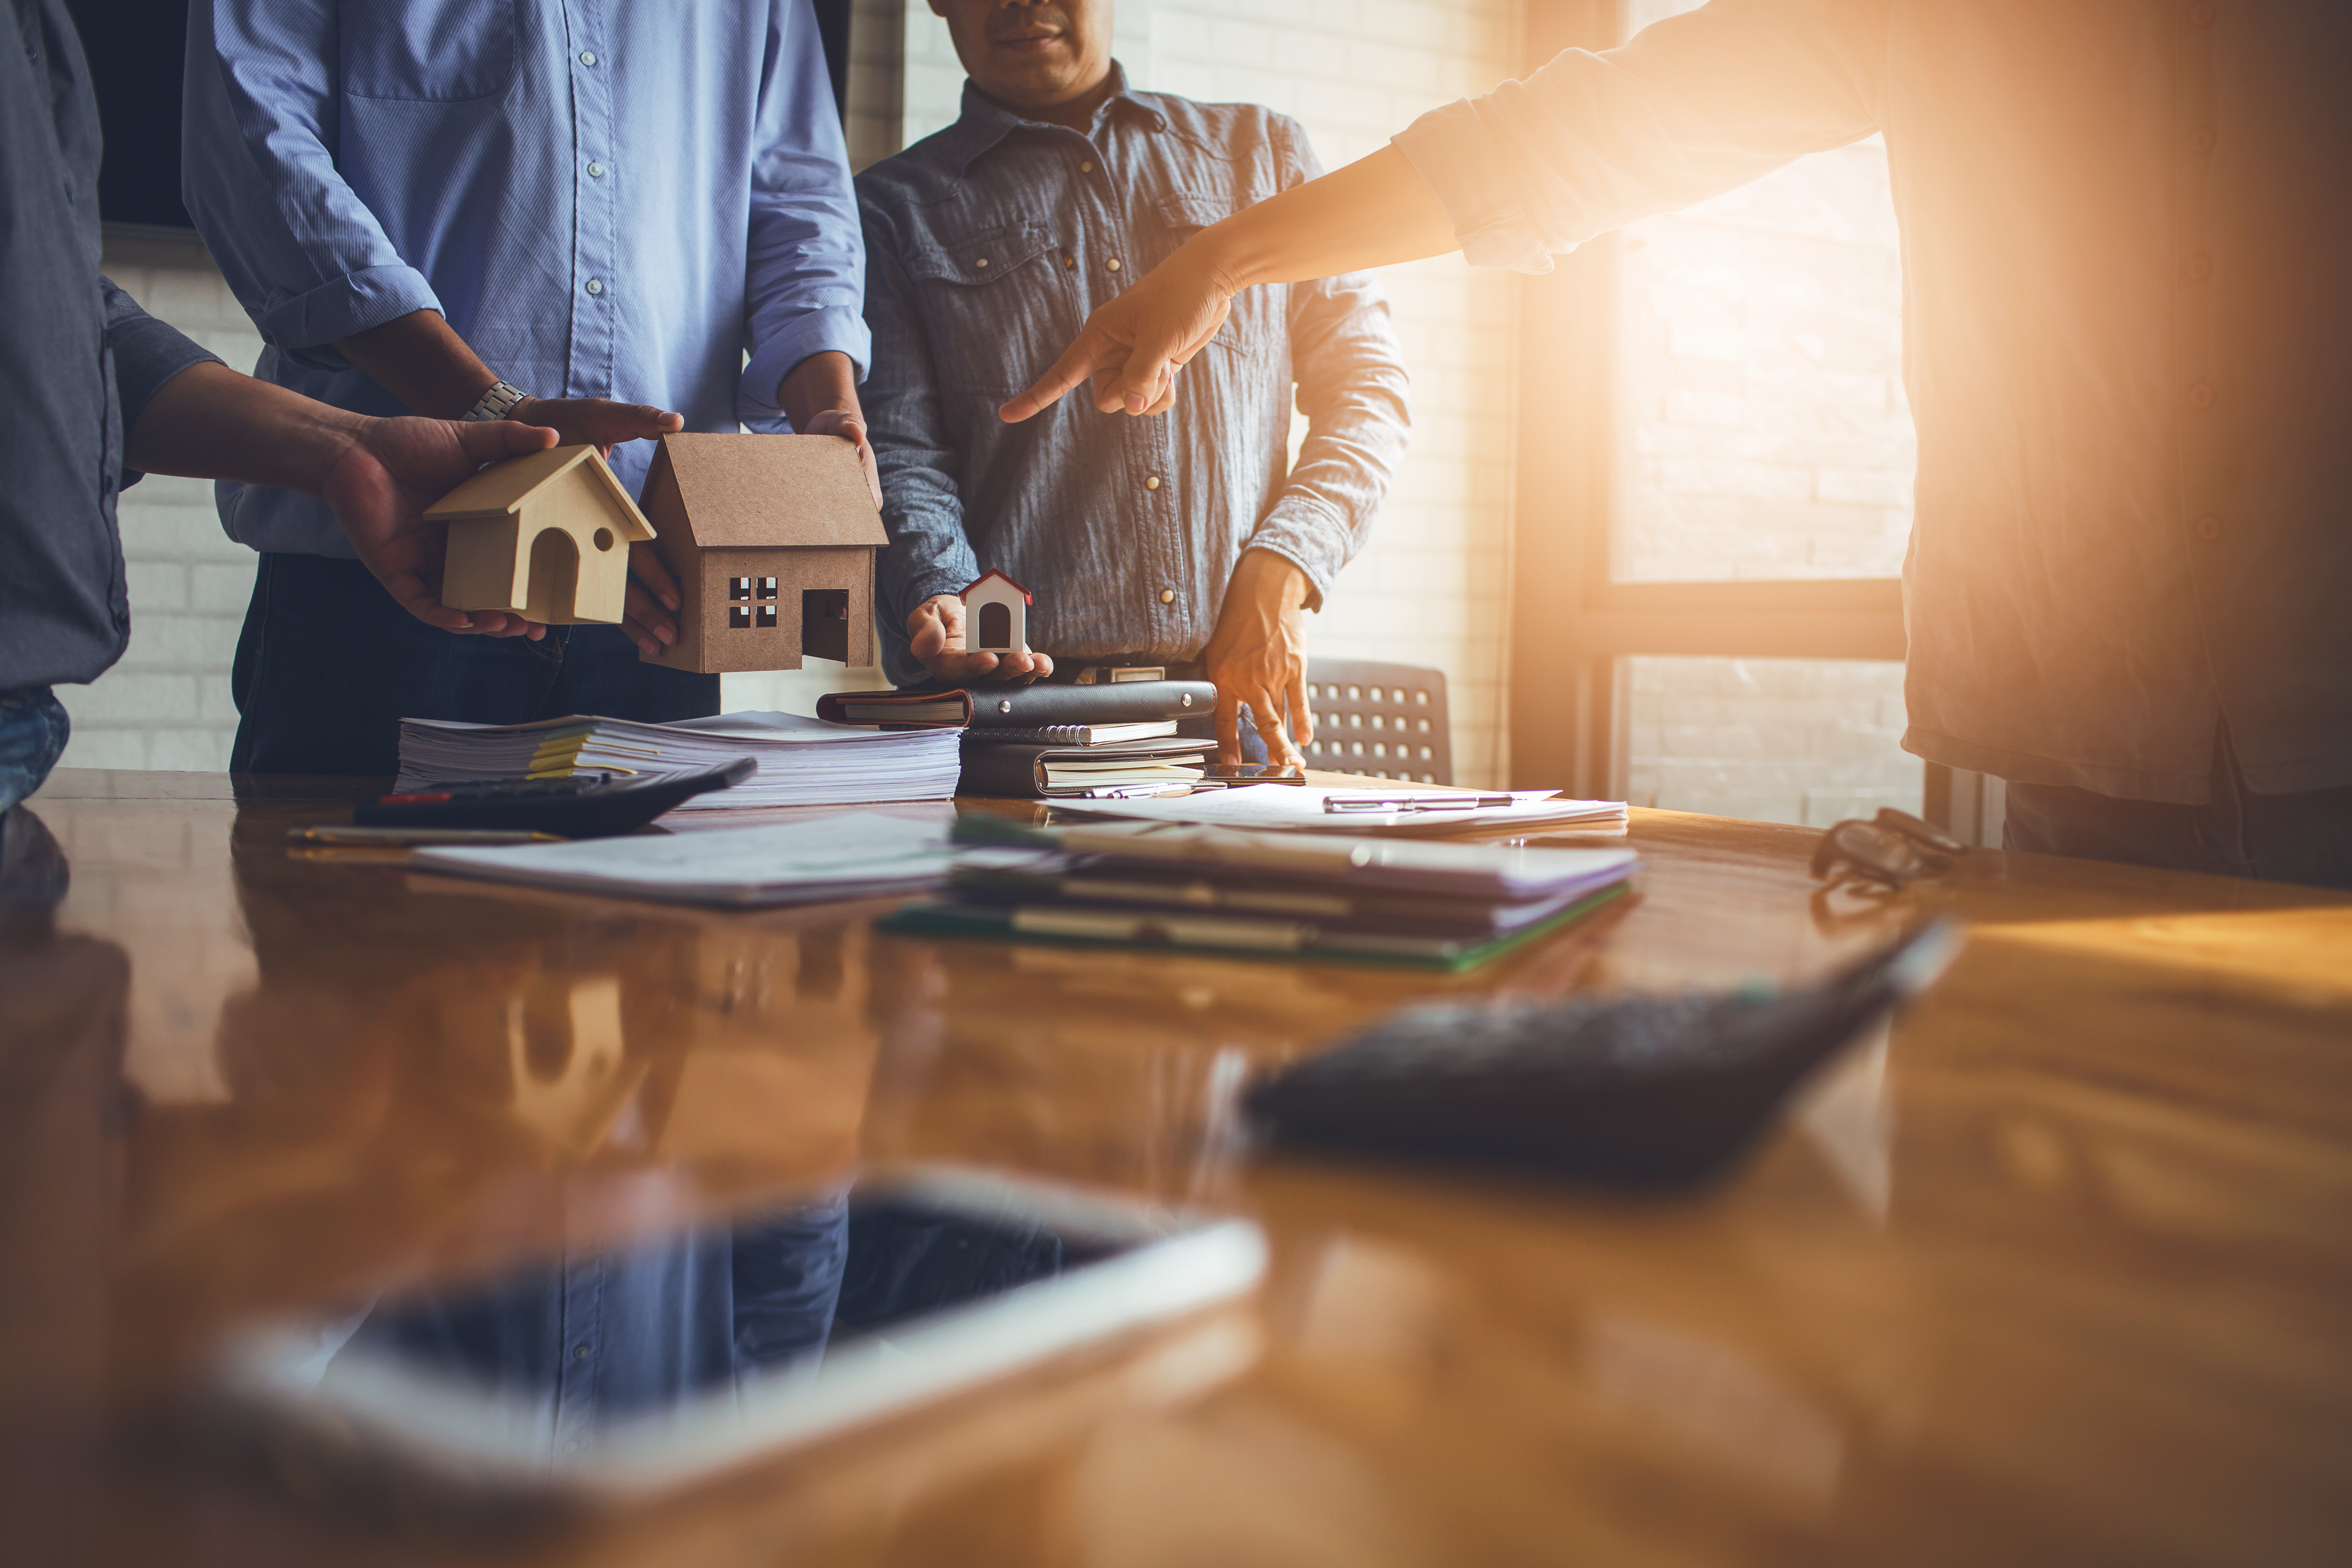 Beim Hausbau und Sanierungen sind Minuszinsen bei der Kredittilgung möglich.